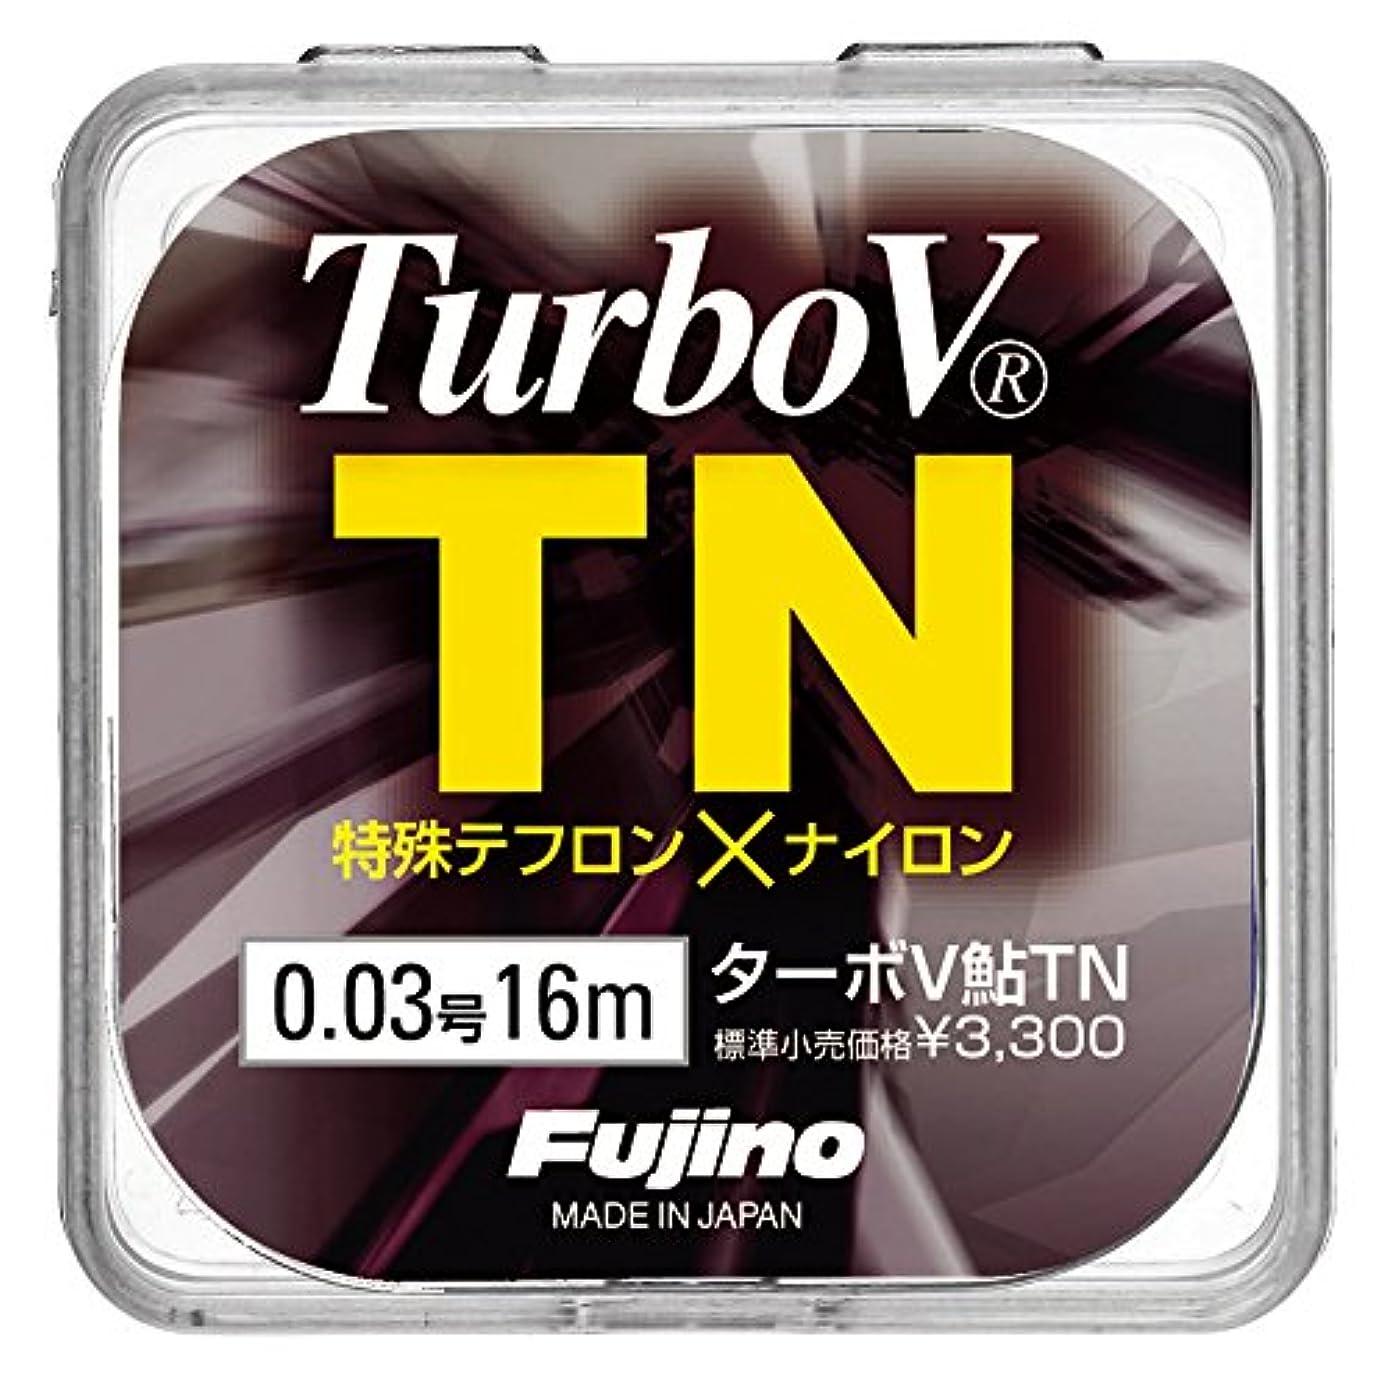 汚れた多様性継続中Fujino(フジノ) ライン ターボV鮎TN 0.03